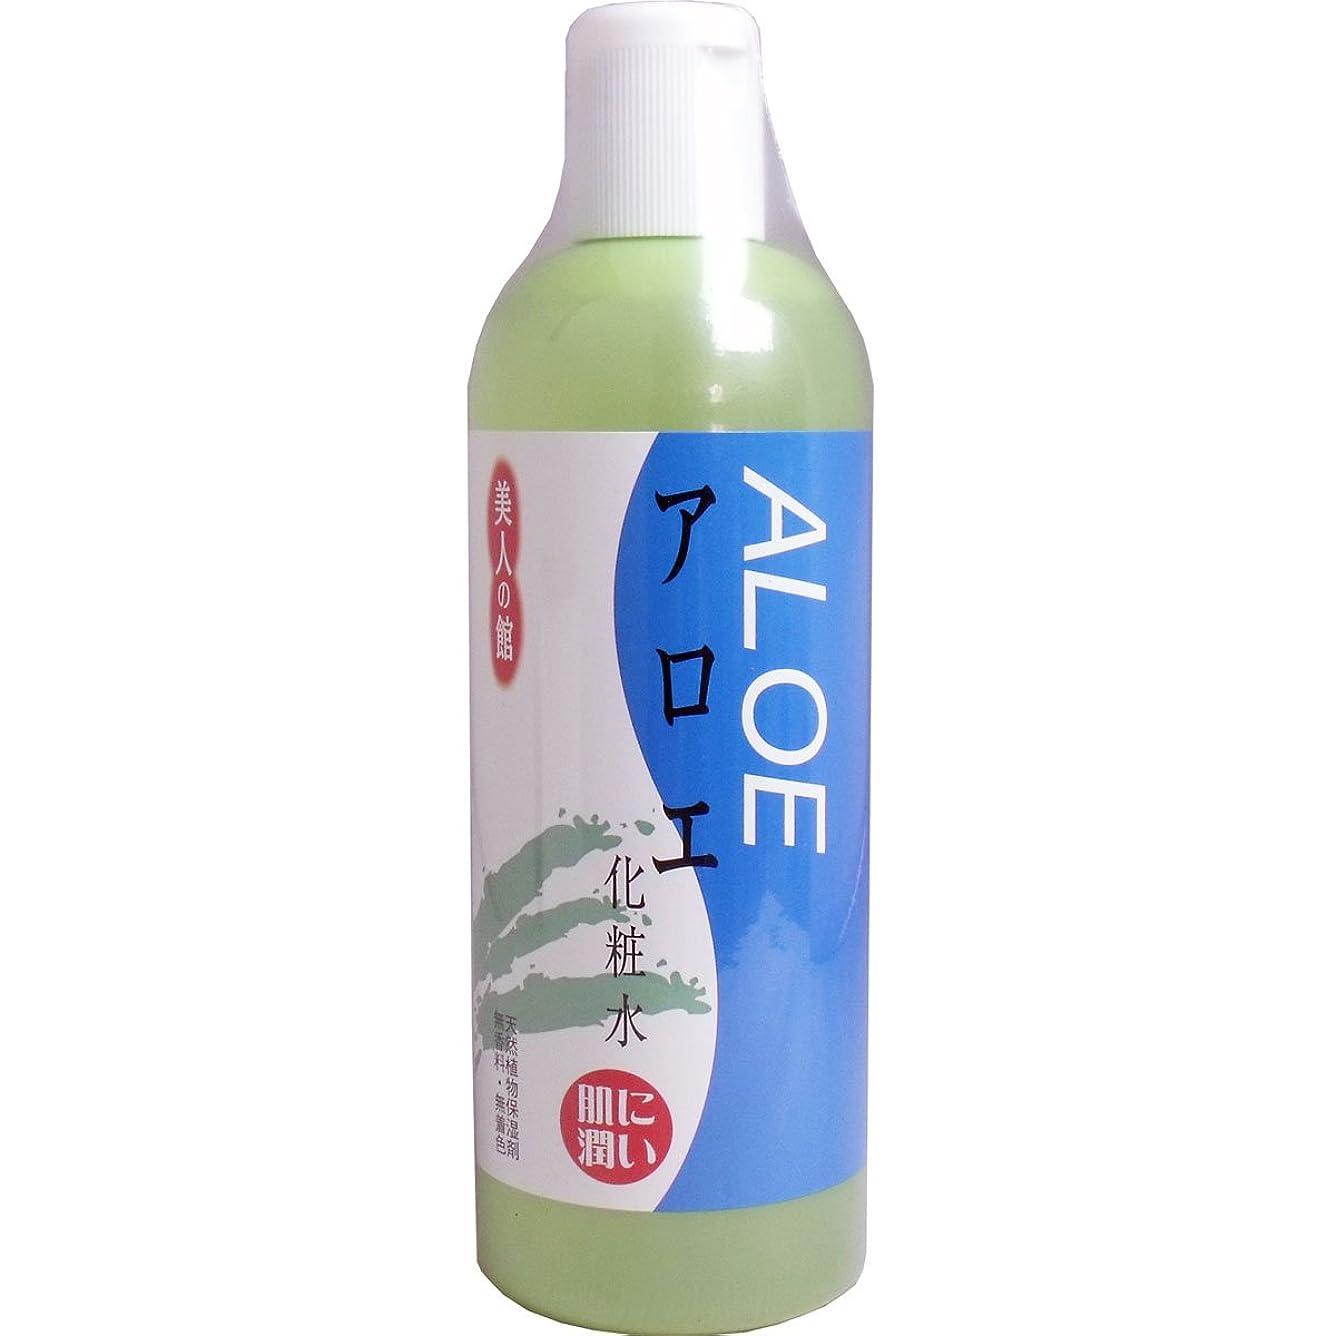 カテゴリーヘア偽造美人の館 アロエ化粧水 400mL